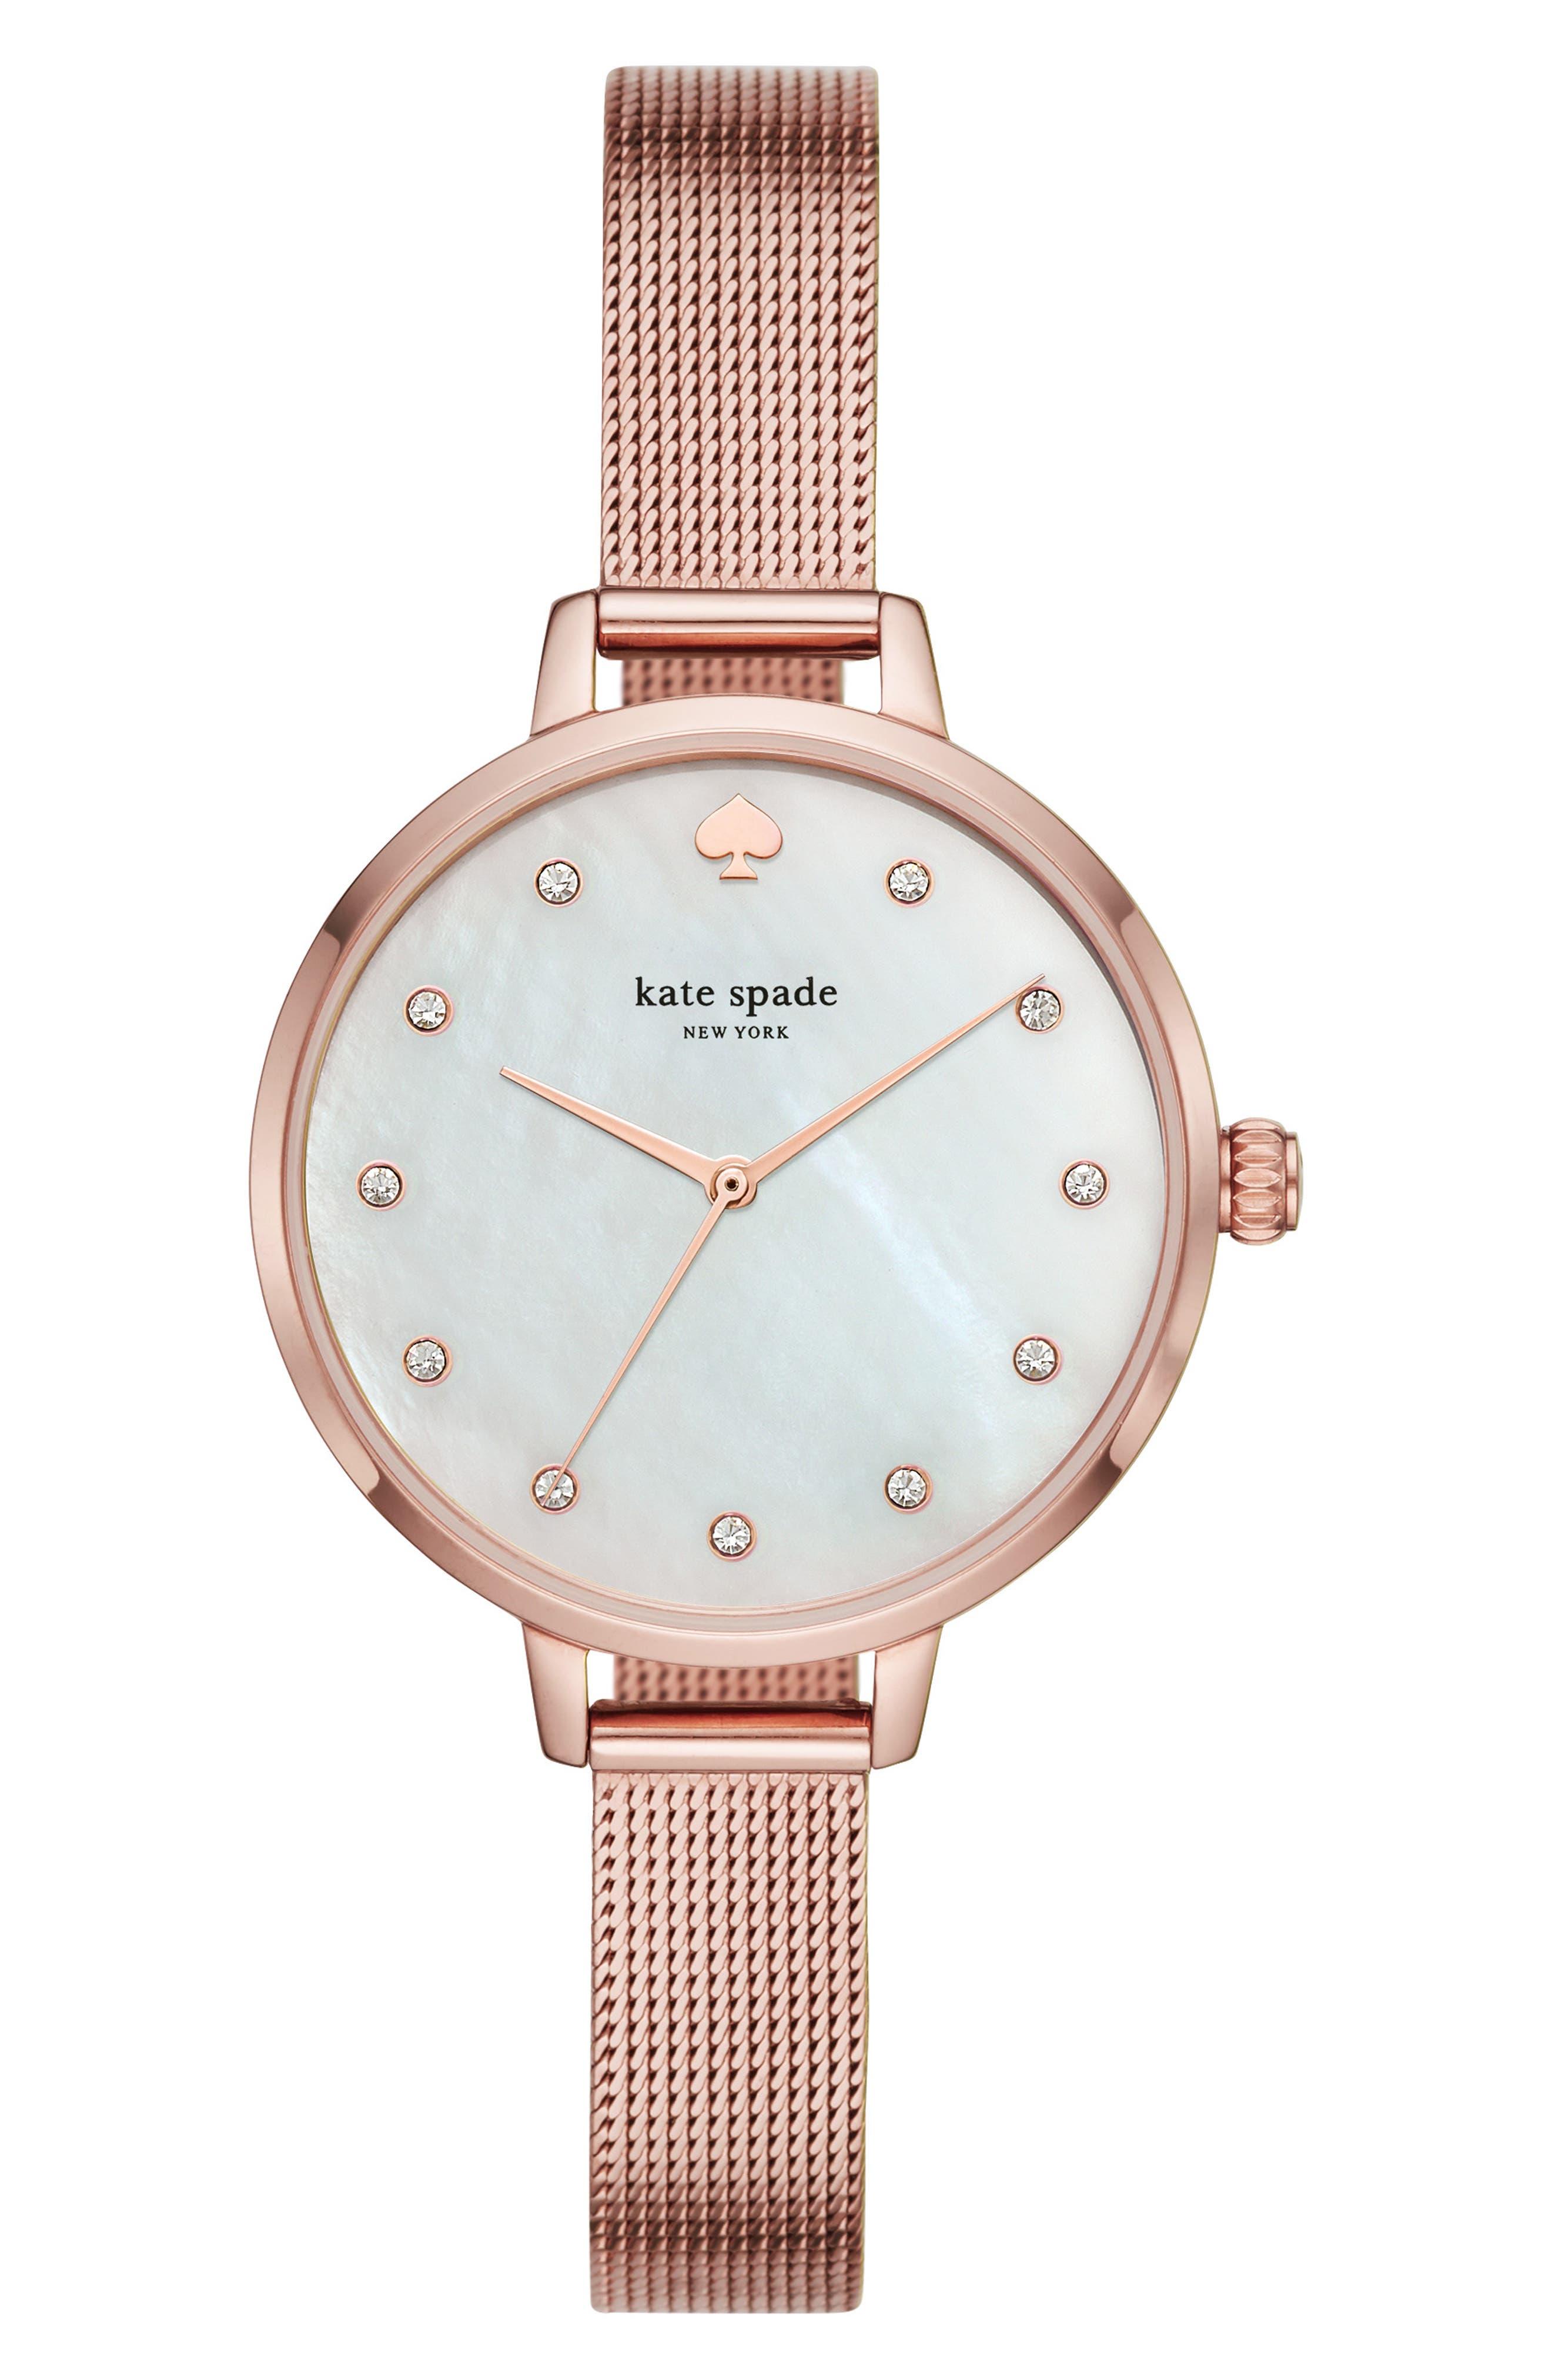 KATE SPADE NEW YORK,                             metro mesh bracelet watch, 34mm,                             Main thumbnail 1, color,                             ROSE GOLD/ MOP/ ROSE GOLD